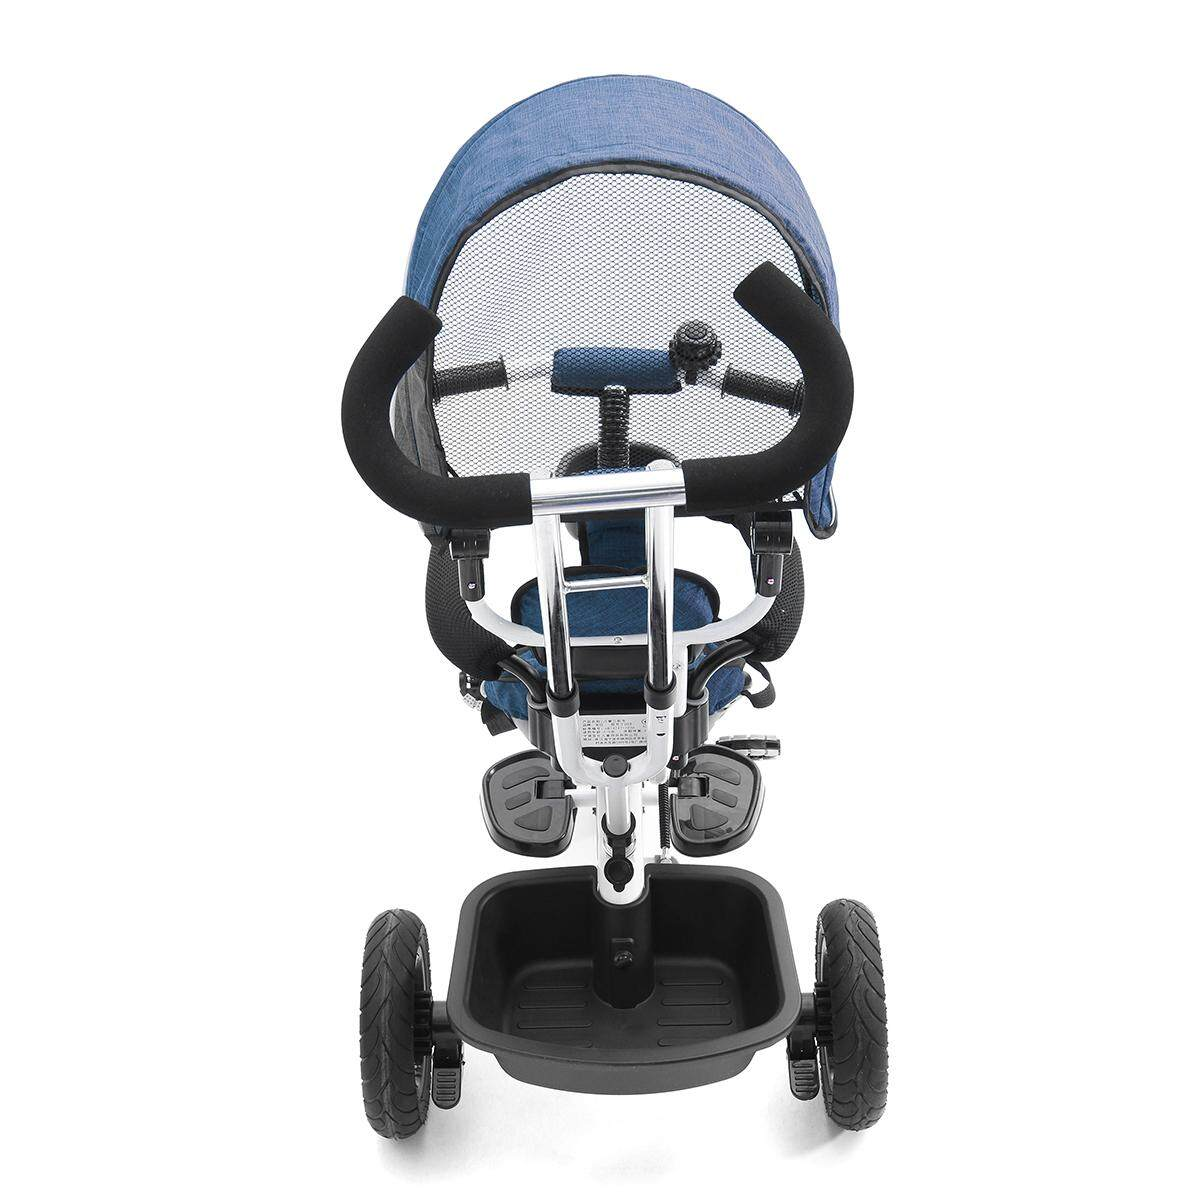 เช็คข้อมูล GoodGreat อุปกรณ์เสริมรถเข็นเด็ก GoodGreat Baby Stroller Fan, Stroller Fan Portable Mini USB Clip Fan With Flexible Neck(13*9.5*12 Cm) - intl รับประกันการคือสินค้า